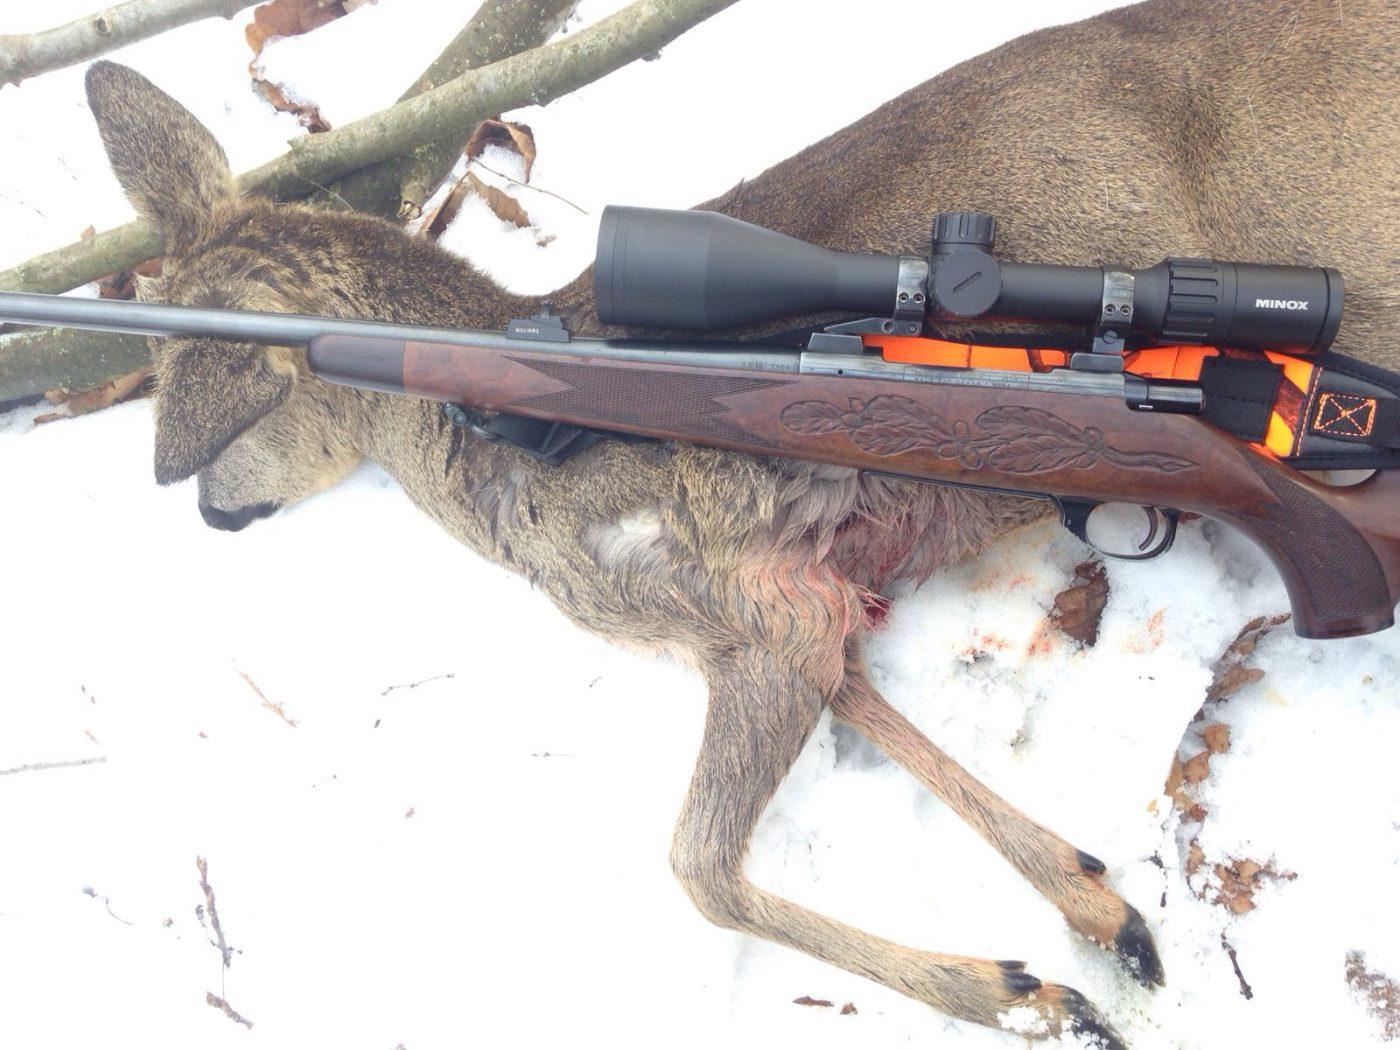 Projekt jungjäger sucht jagdbüchse u rws typ mit minox zx i